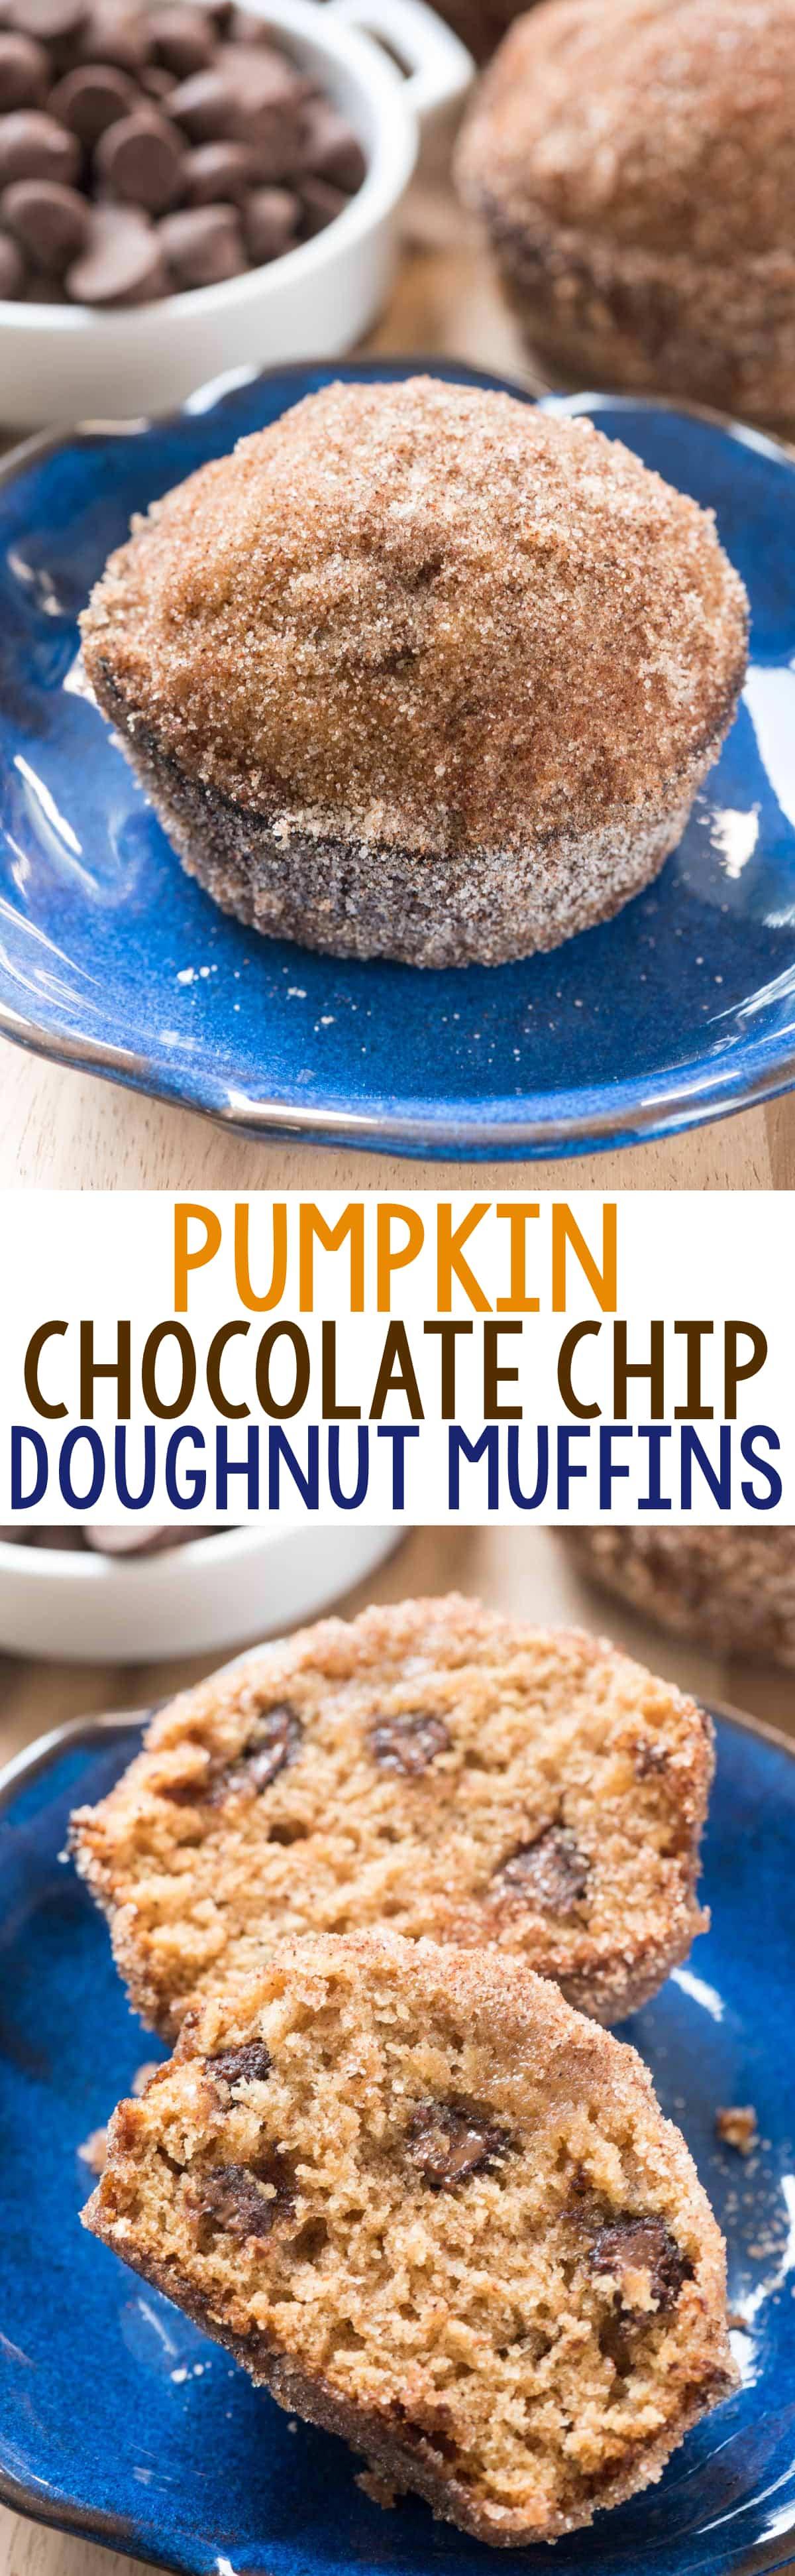 Chocolate Chip Pumpkin Doughnut Muffins - easy pumpkin muffins filled with chocolate and rolled in cinnamon sugar! A great Thanksgiving recipe!